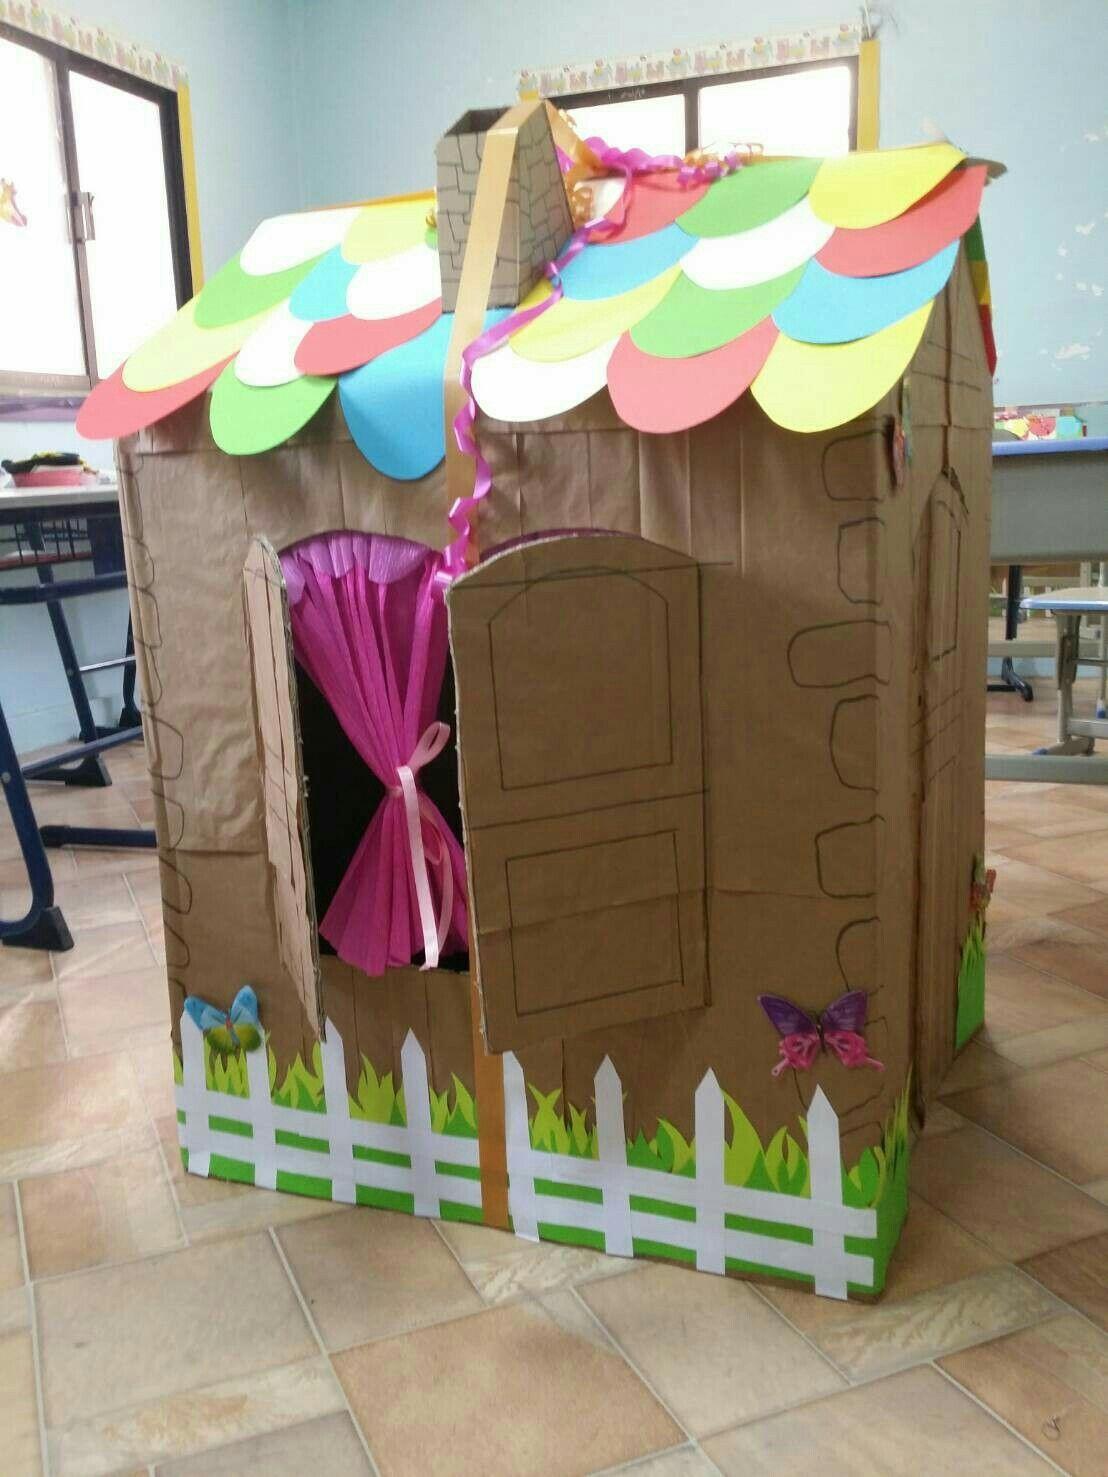 بيت كرتون داون سندروم Creative Crafts Crafts Kids House